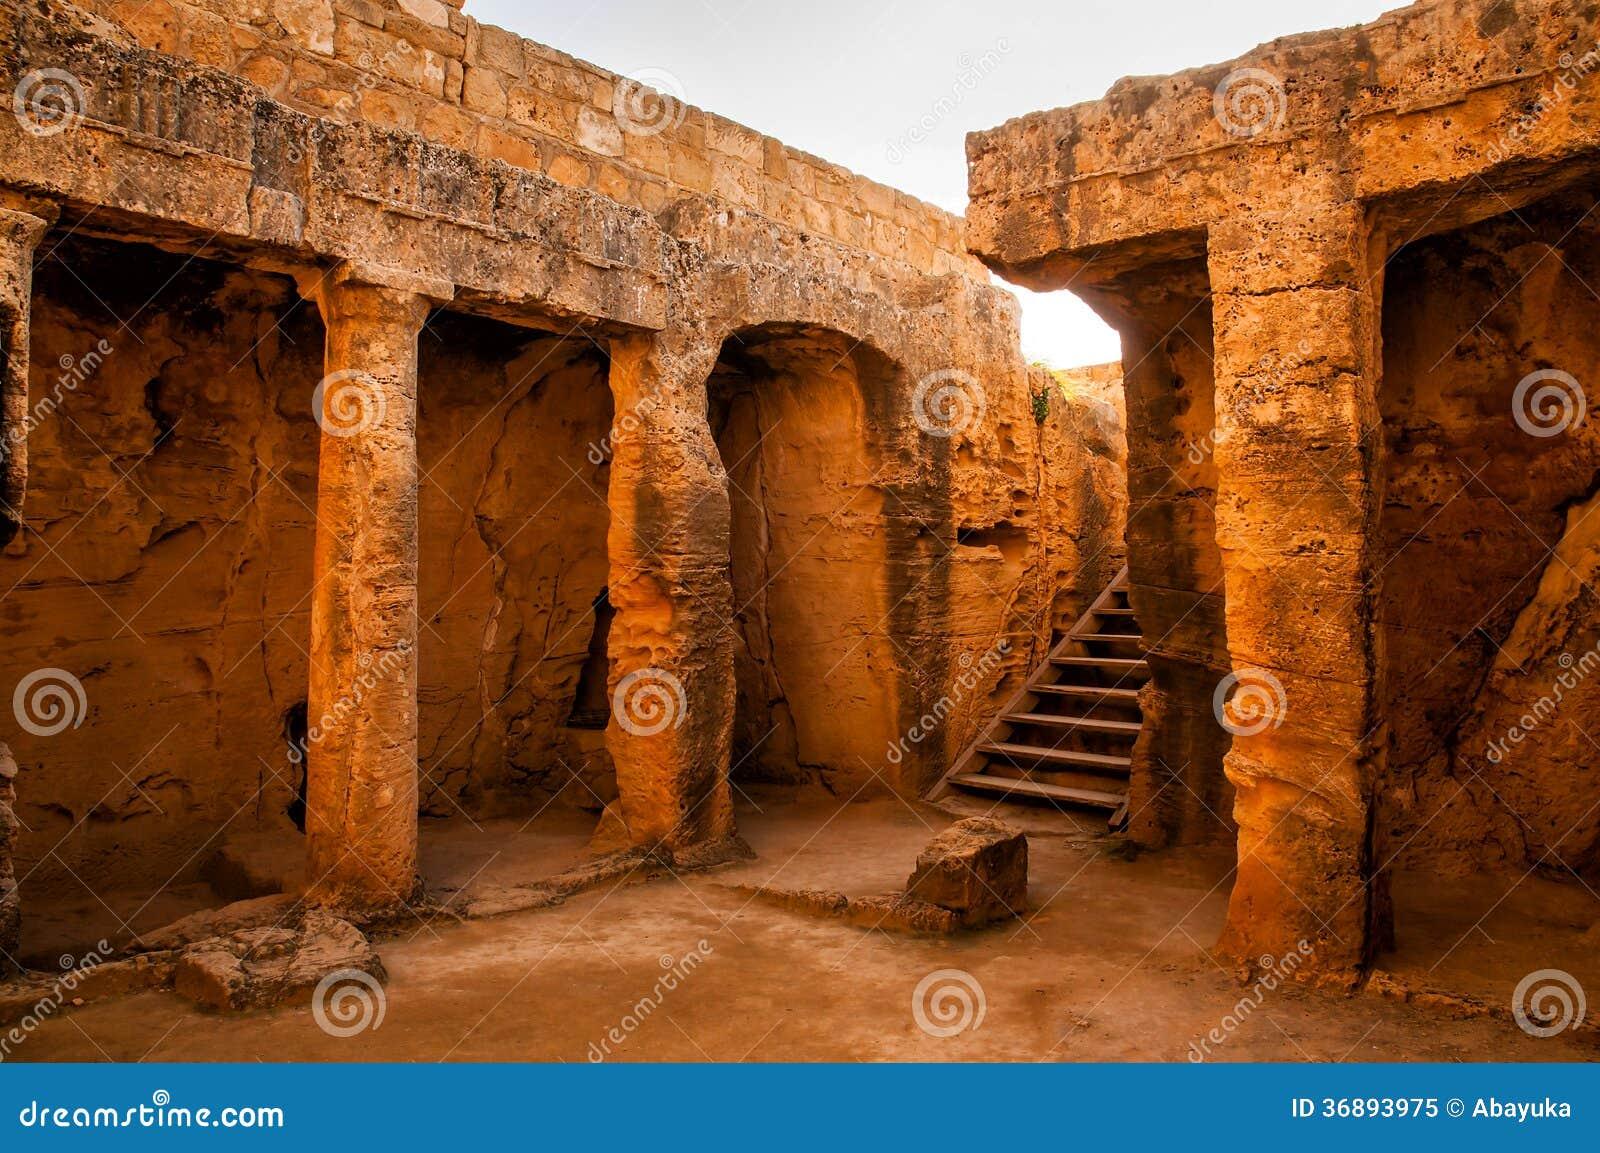 Download Interno della tomba antica immagine stock. Immagine di tramonto - 36893975